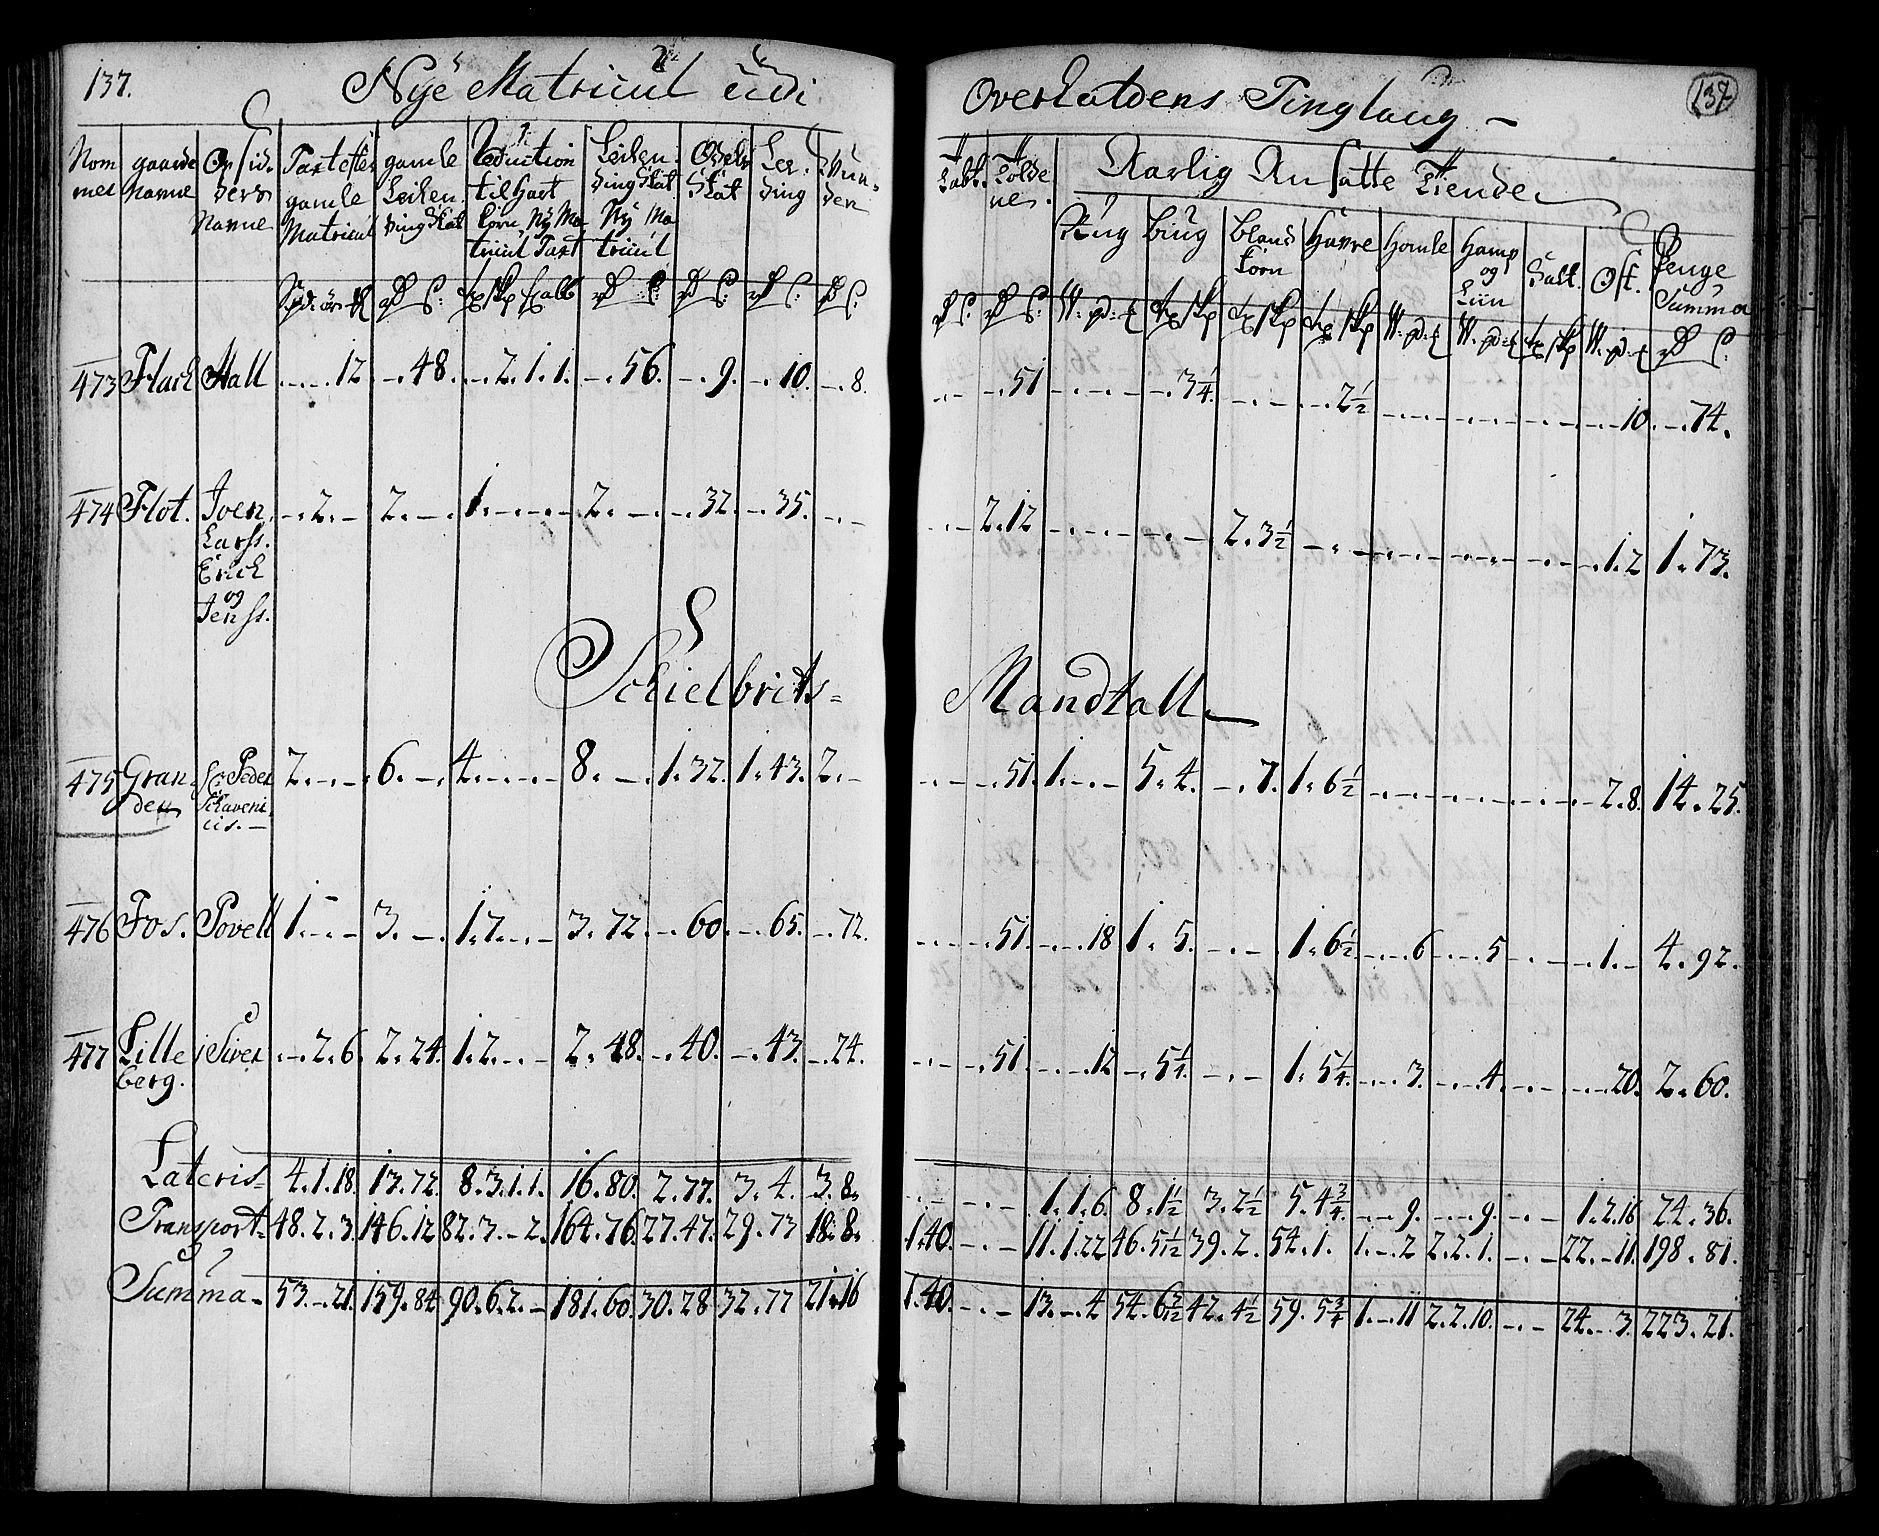 RA, Rentekammeret inntil 1814, Realistisk ordnet avdeling, N/Nb/Nbf/L0169: Namdalen matrikkelprotokoll, 1723, s. 136b-137a